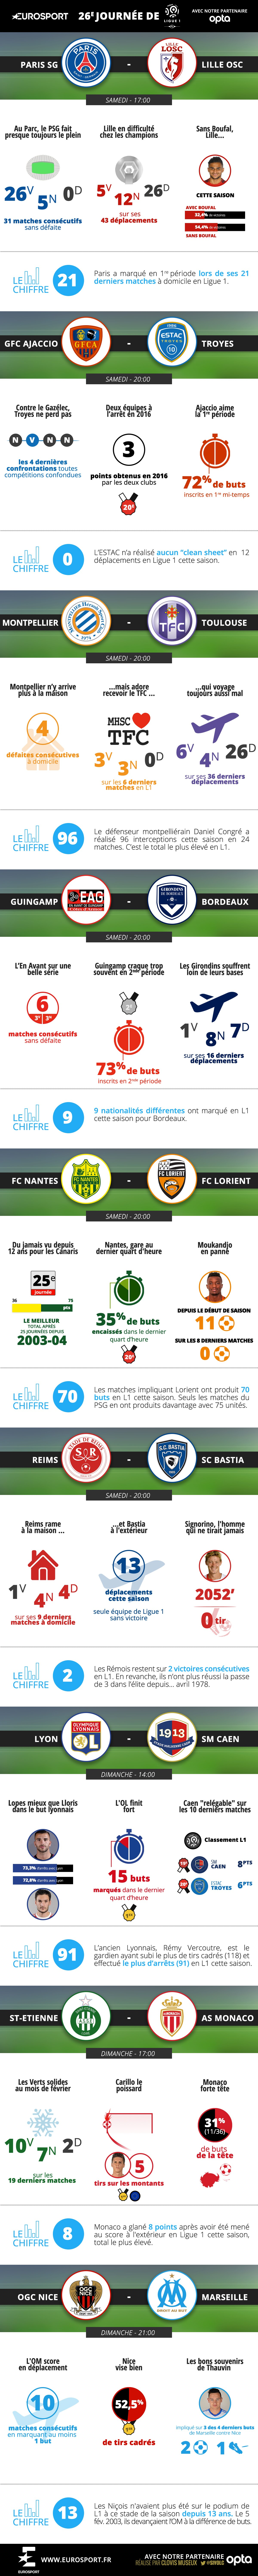 L1 Stats - 26ème journée - 9 matches